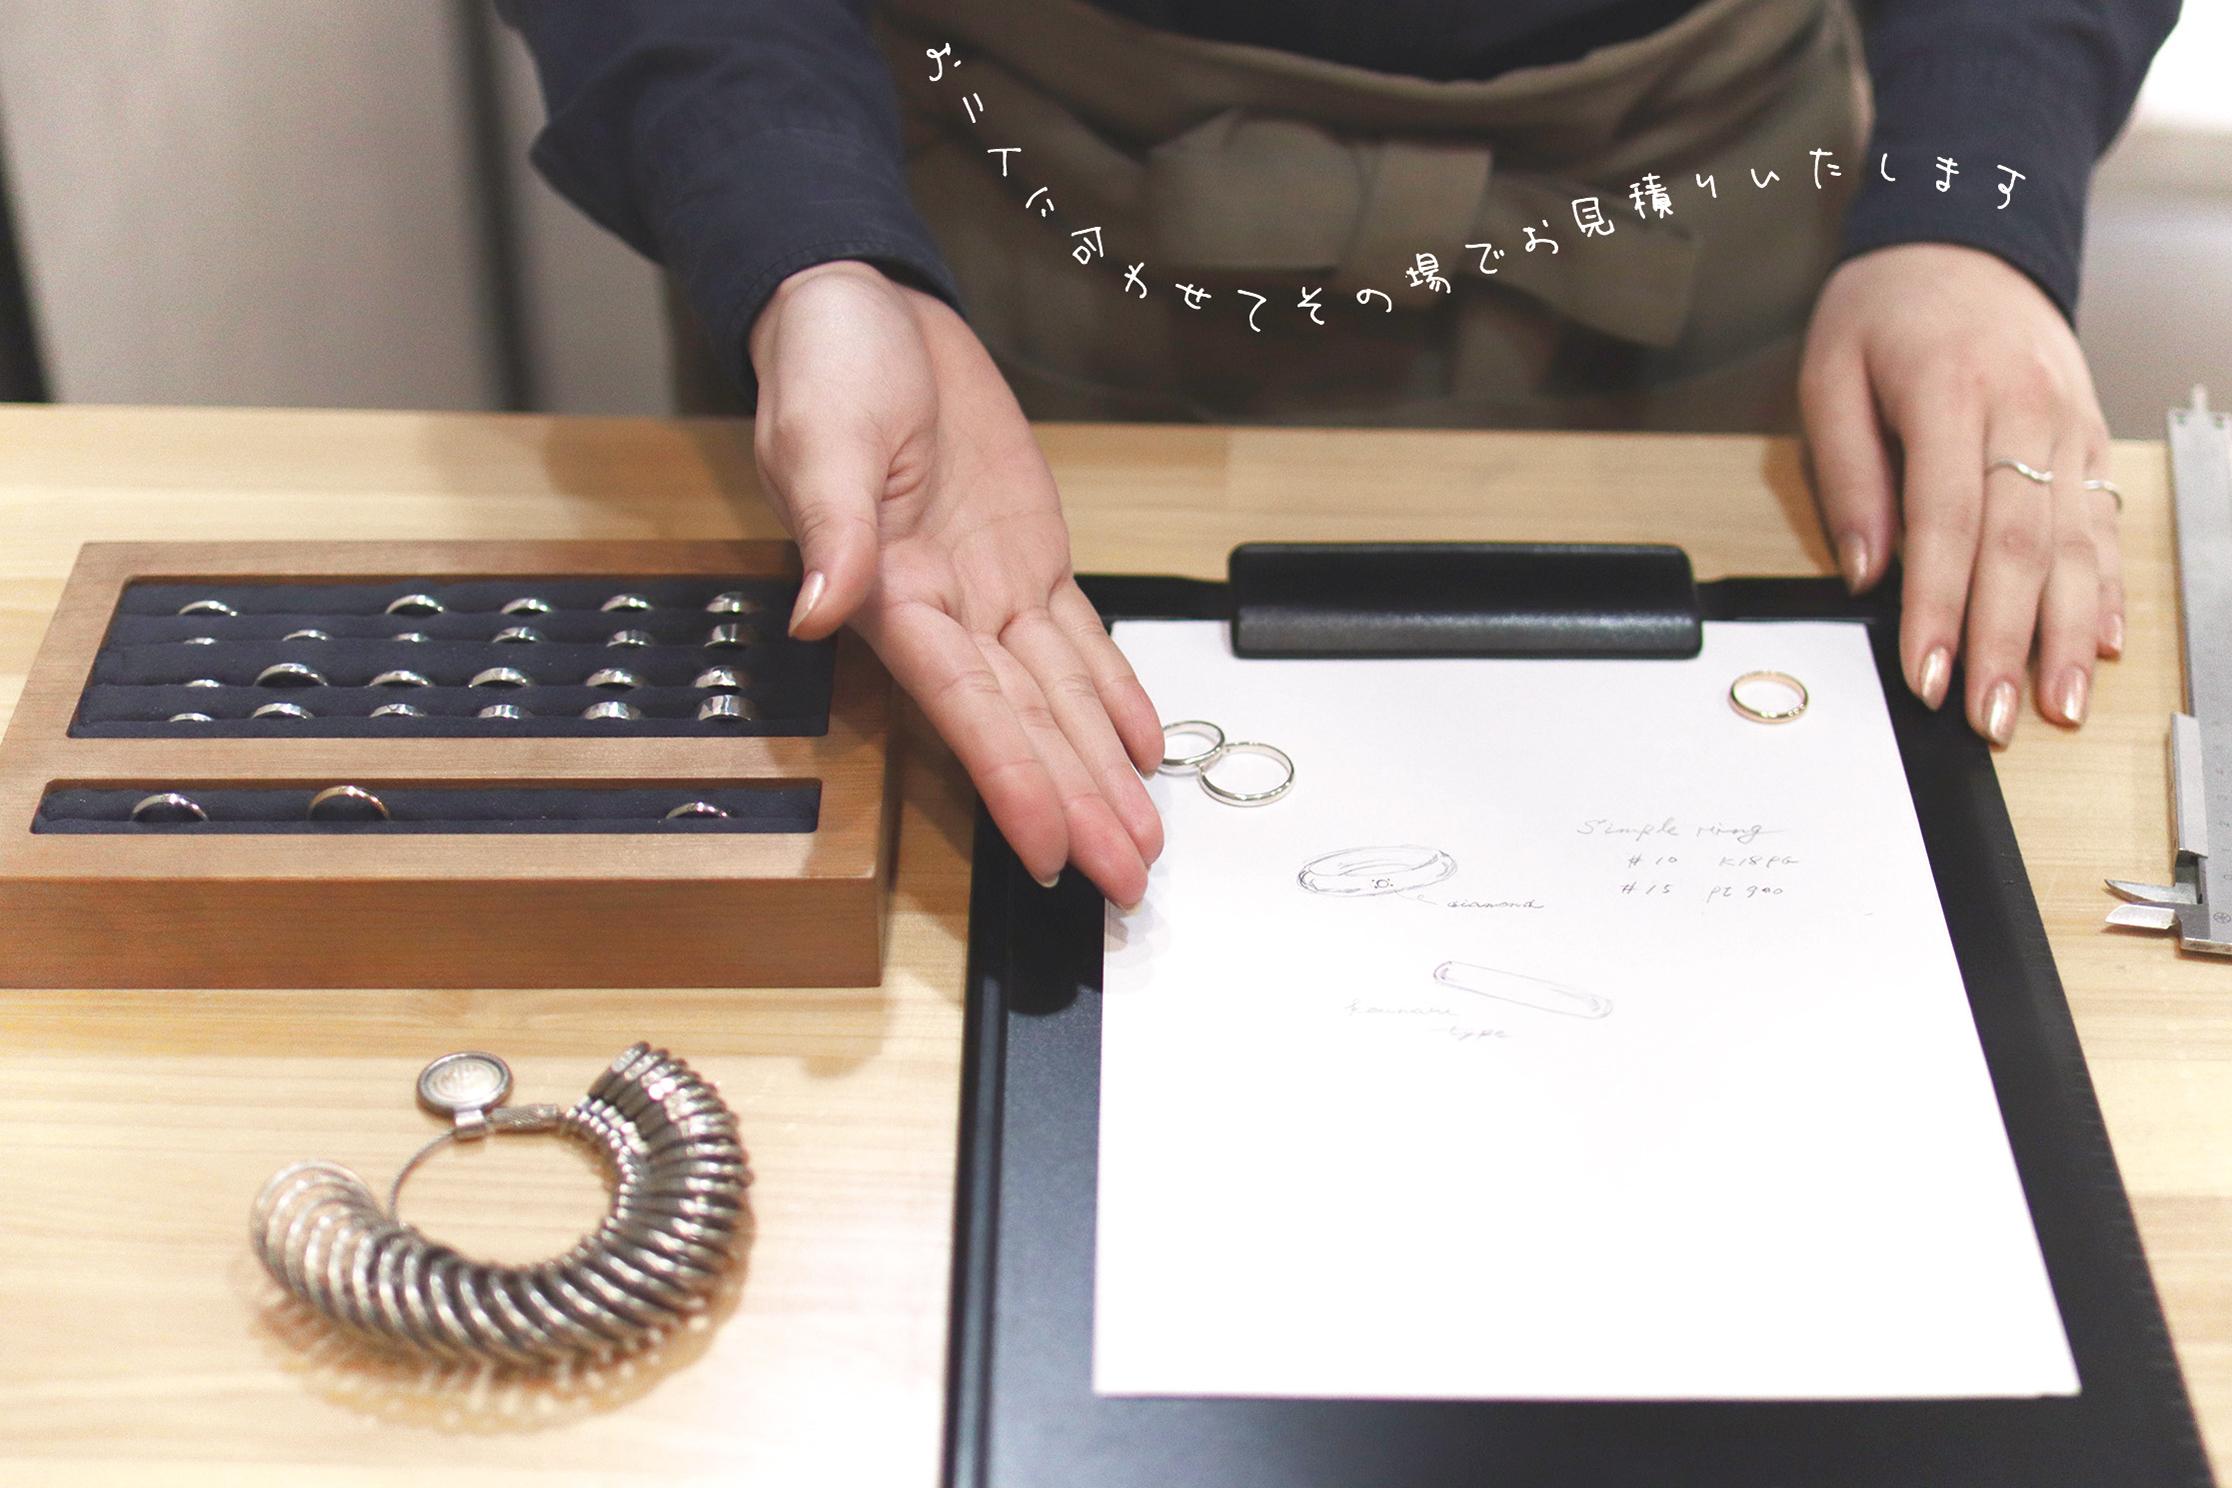 ご結婚指輪のデザインの打ちあわせとお見積り